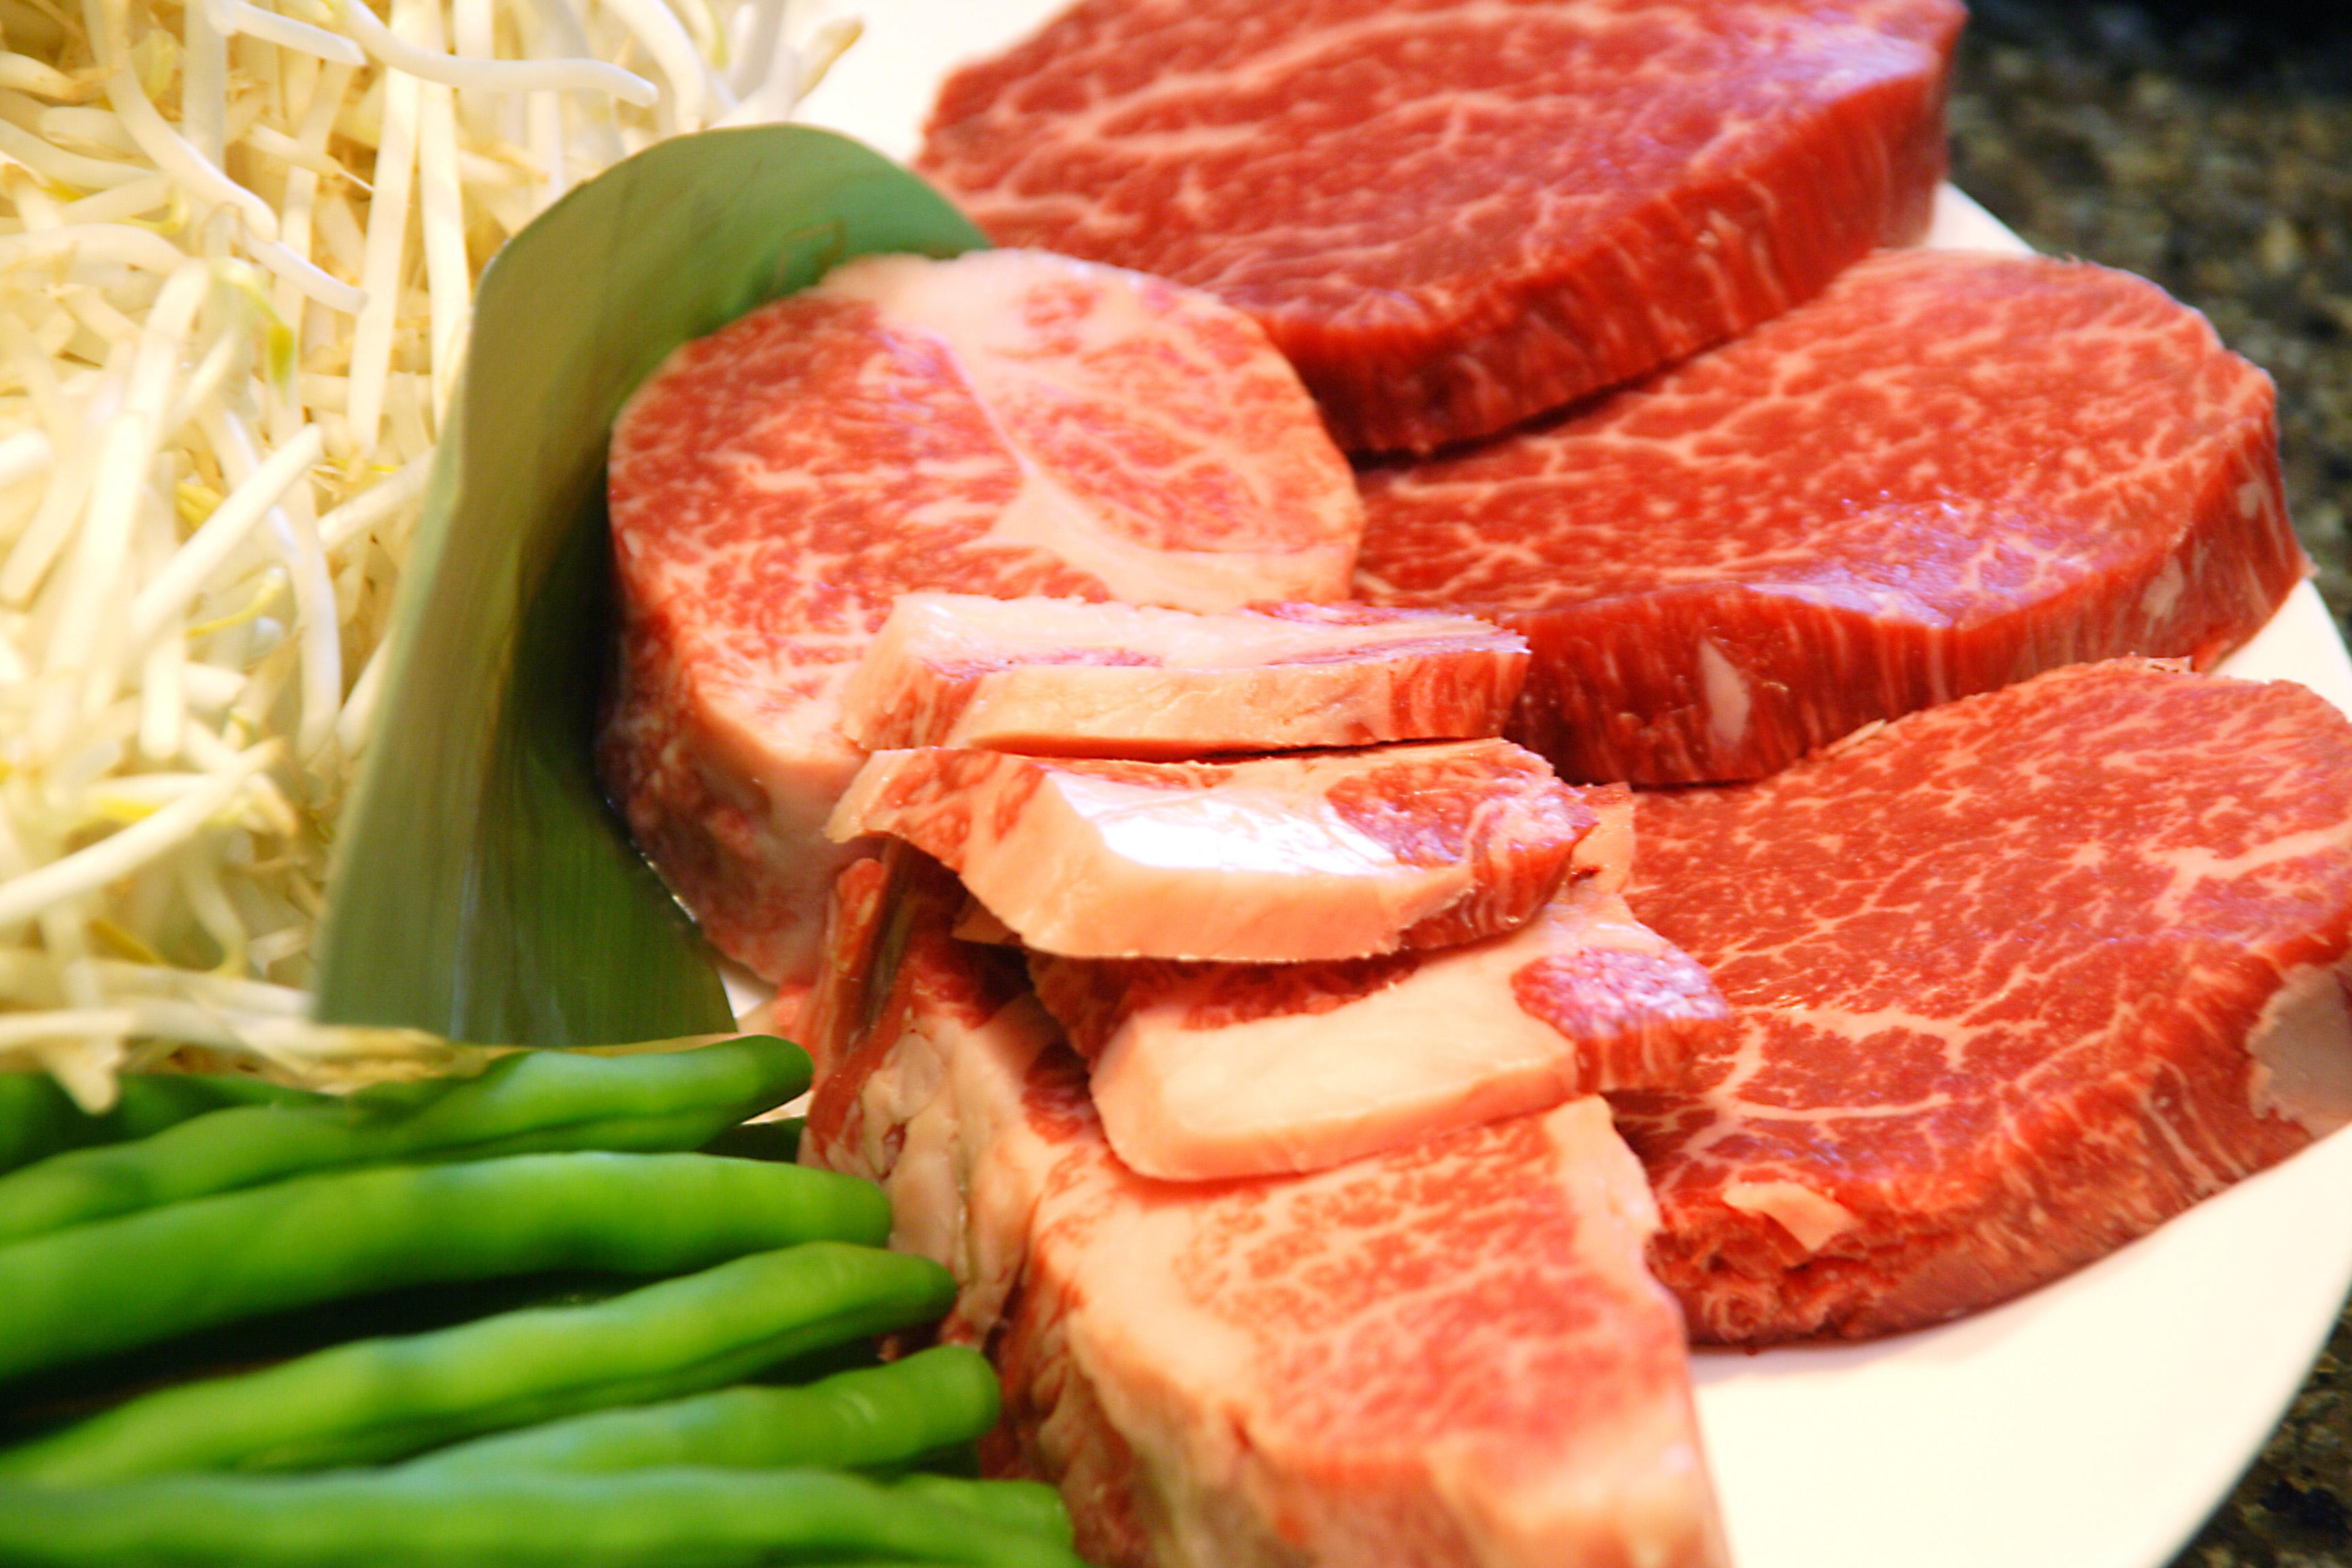 【お料理ワンポイント⑫♥】お肉の部位を知らないと大損する!?